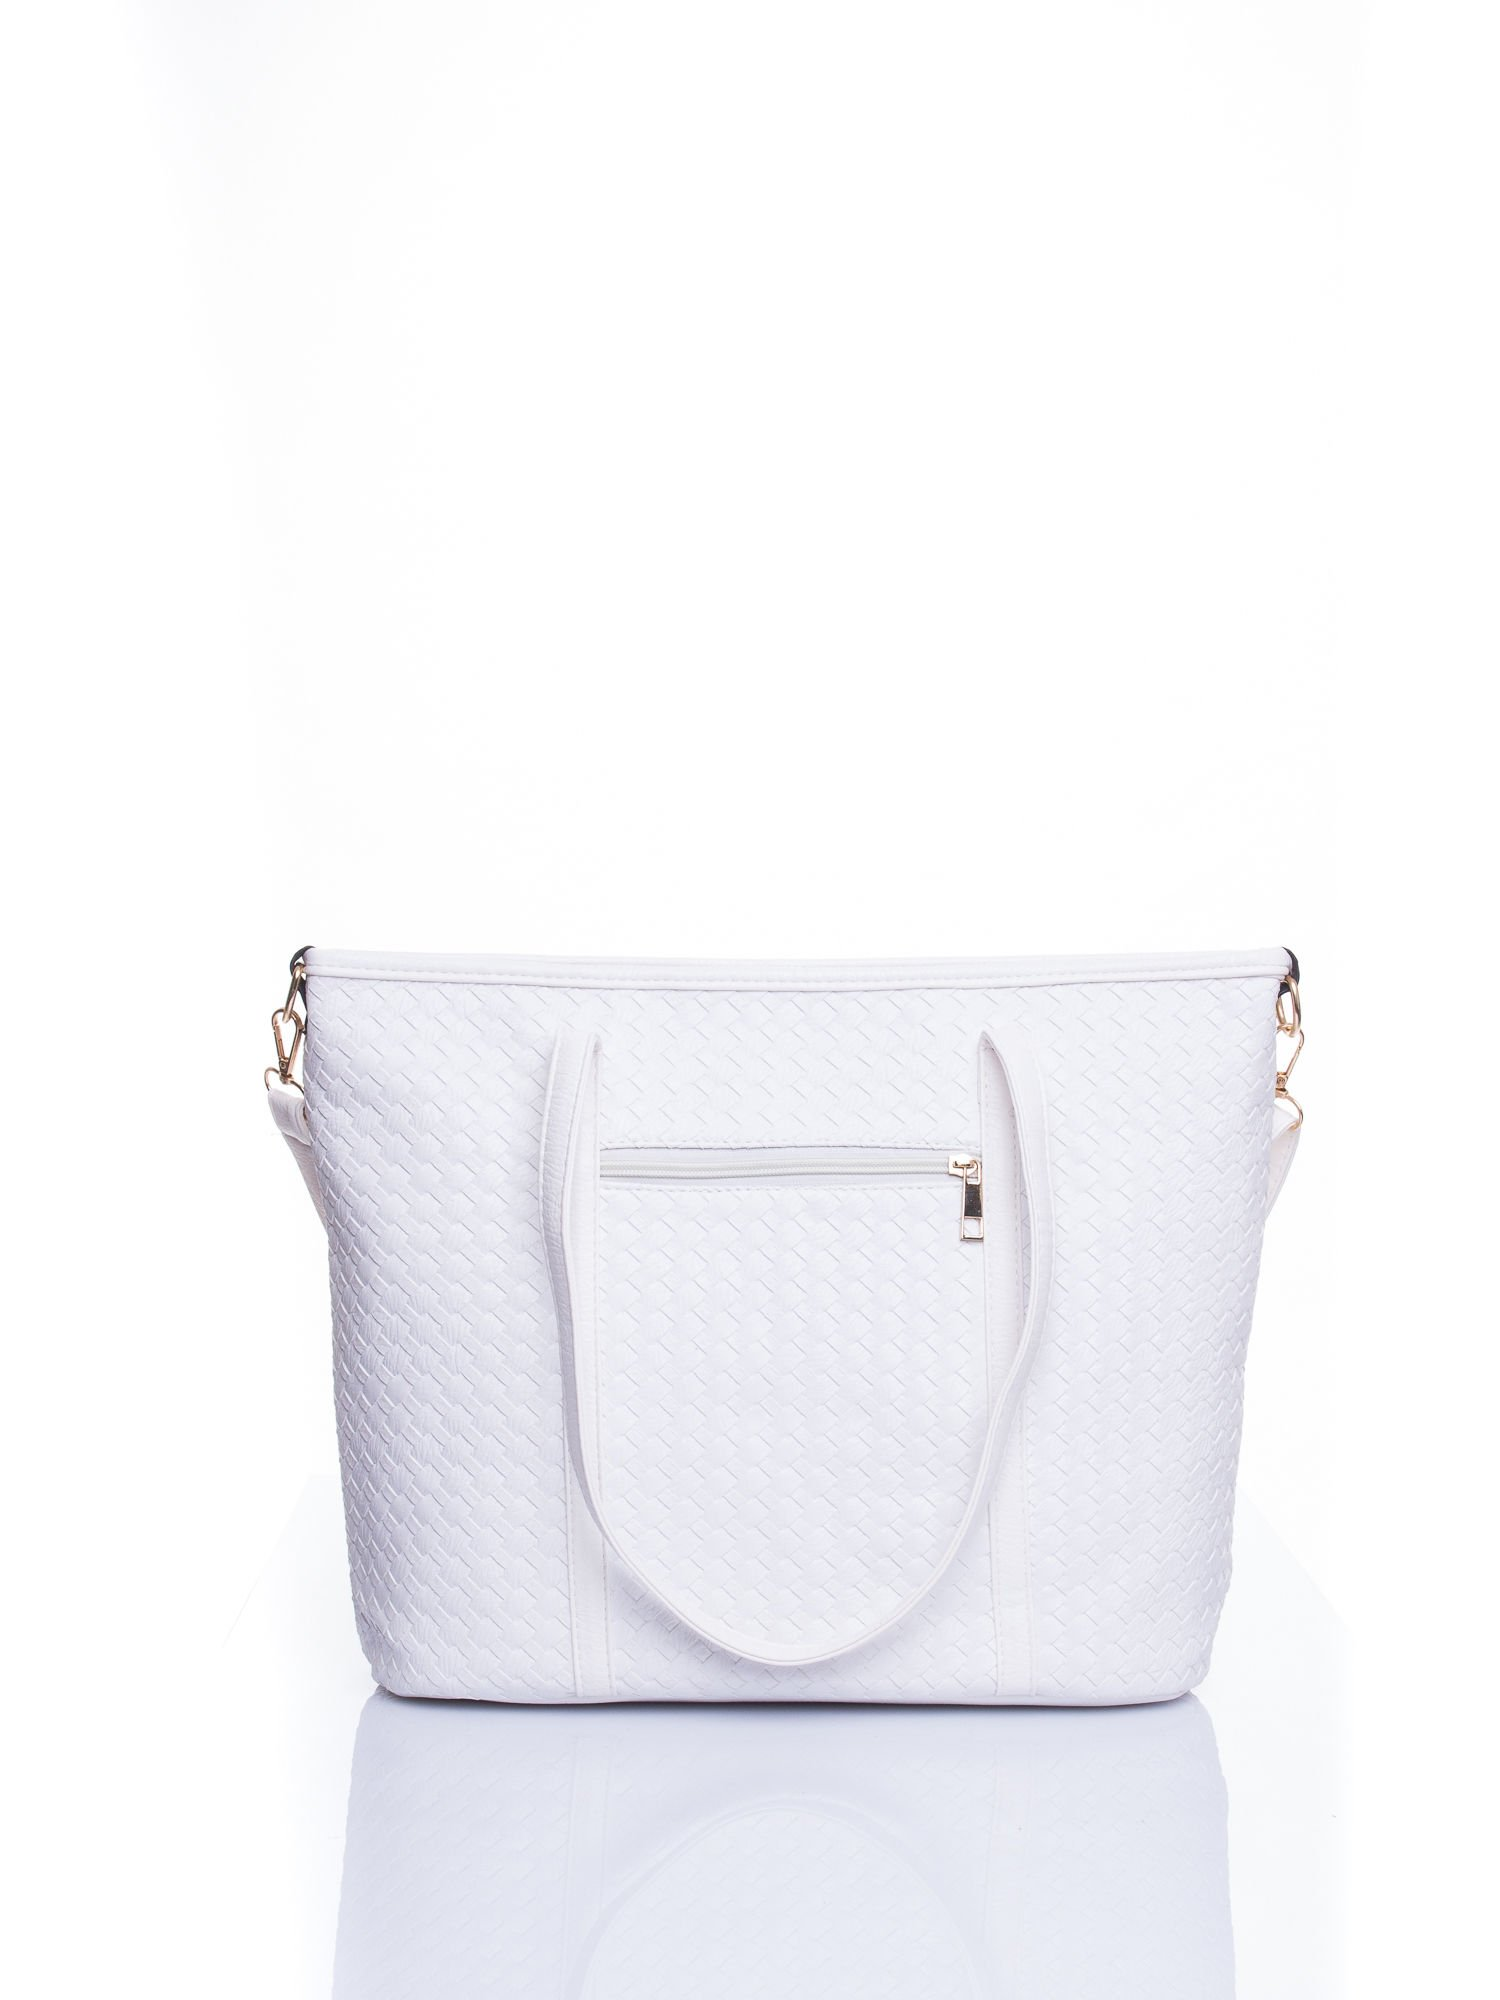 Biała pleciona torba shopper bag ze złotym detalem                                  zdj.                                  3